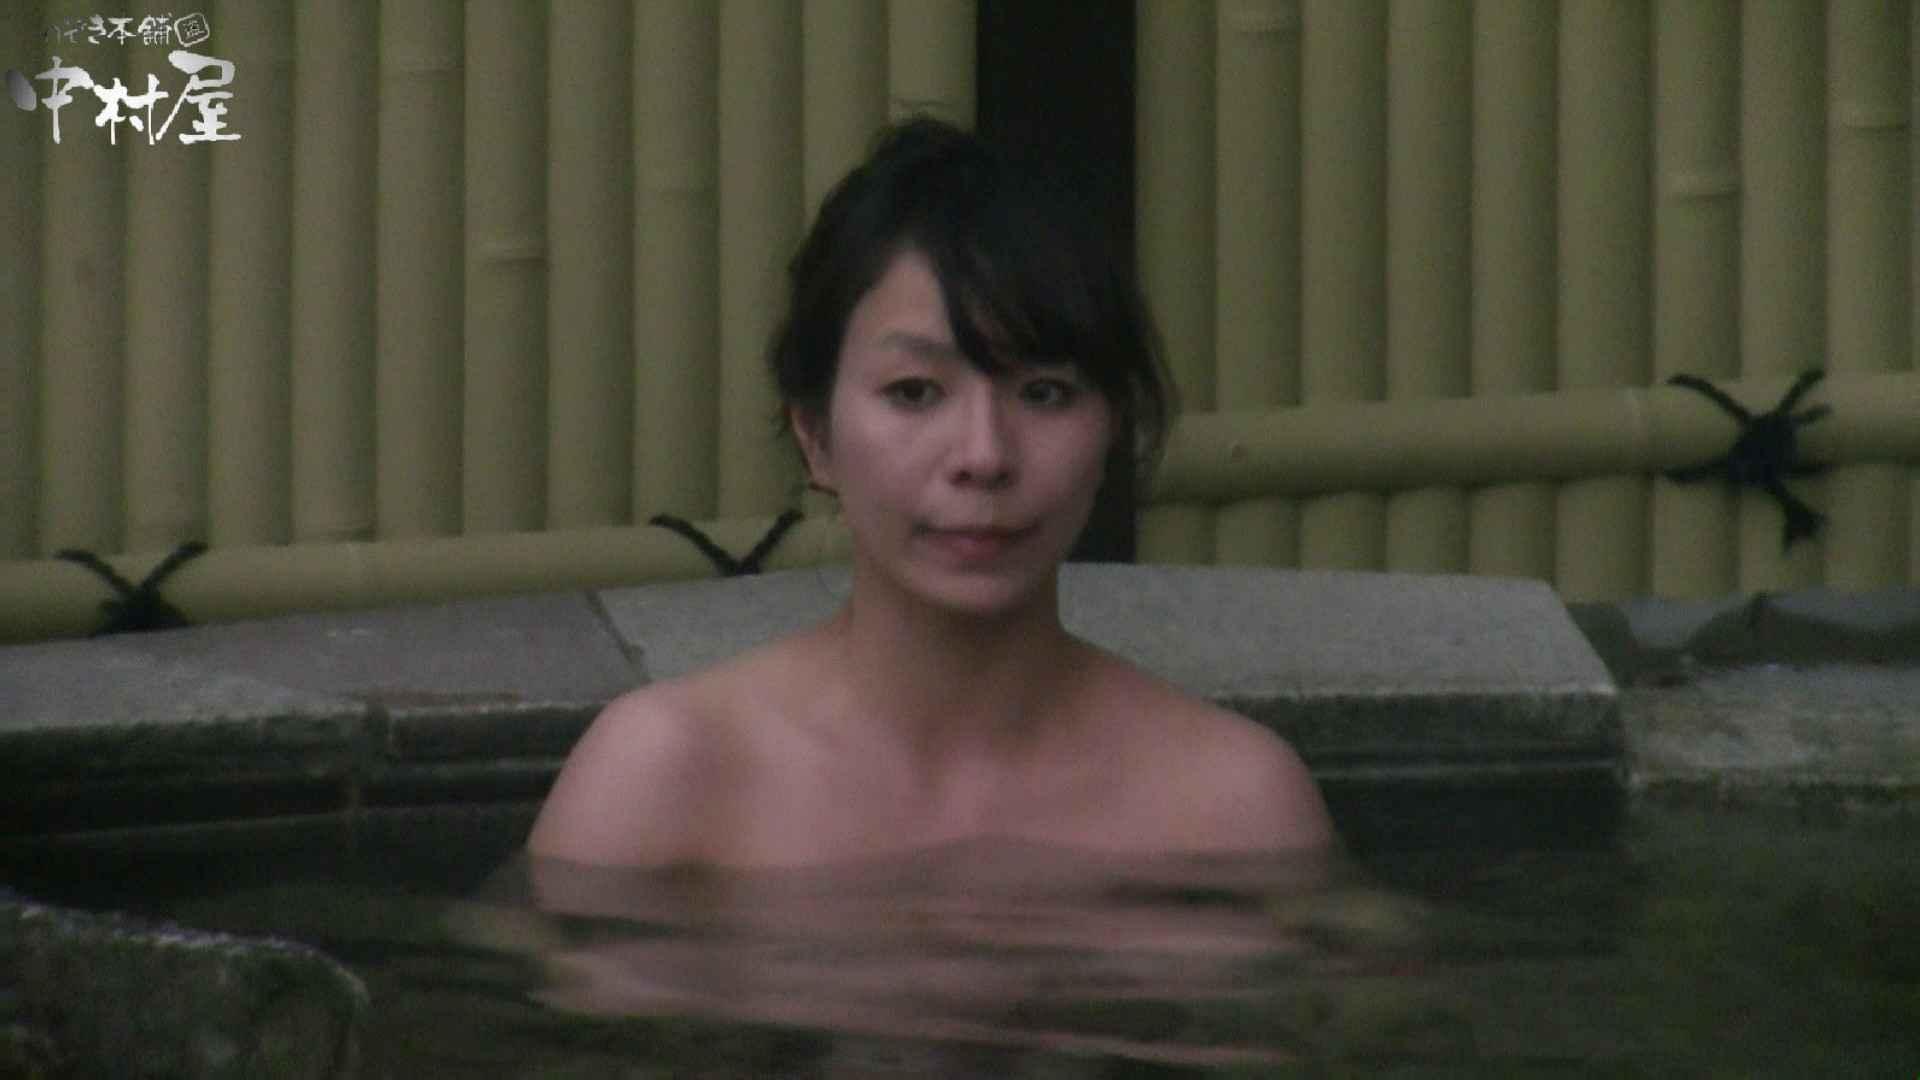 Aquaな露天風呂Vol.930 OL  66pic 20